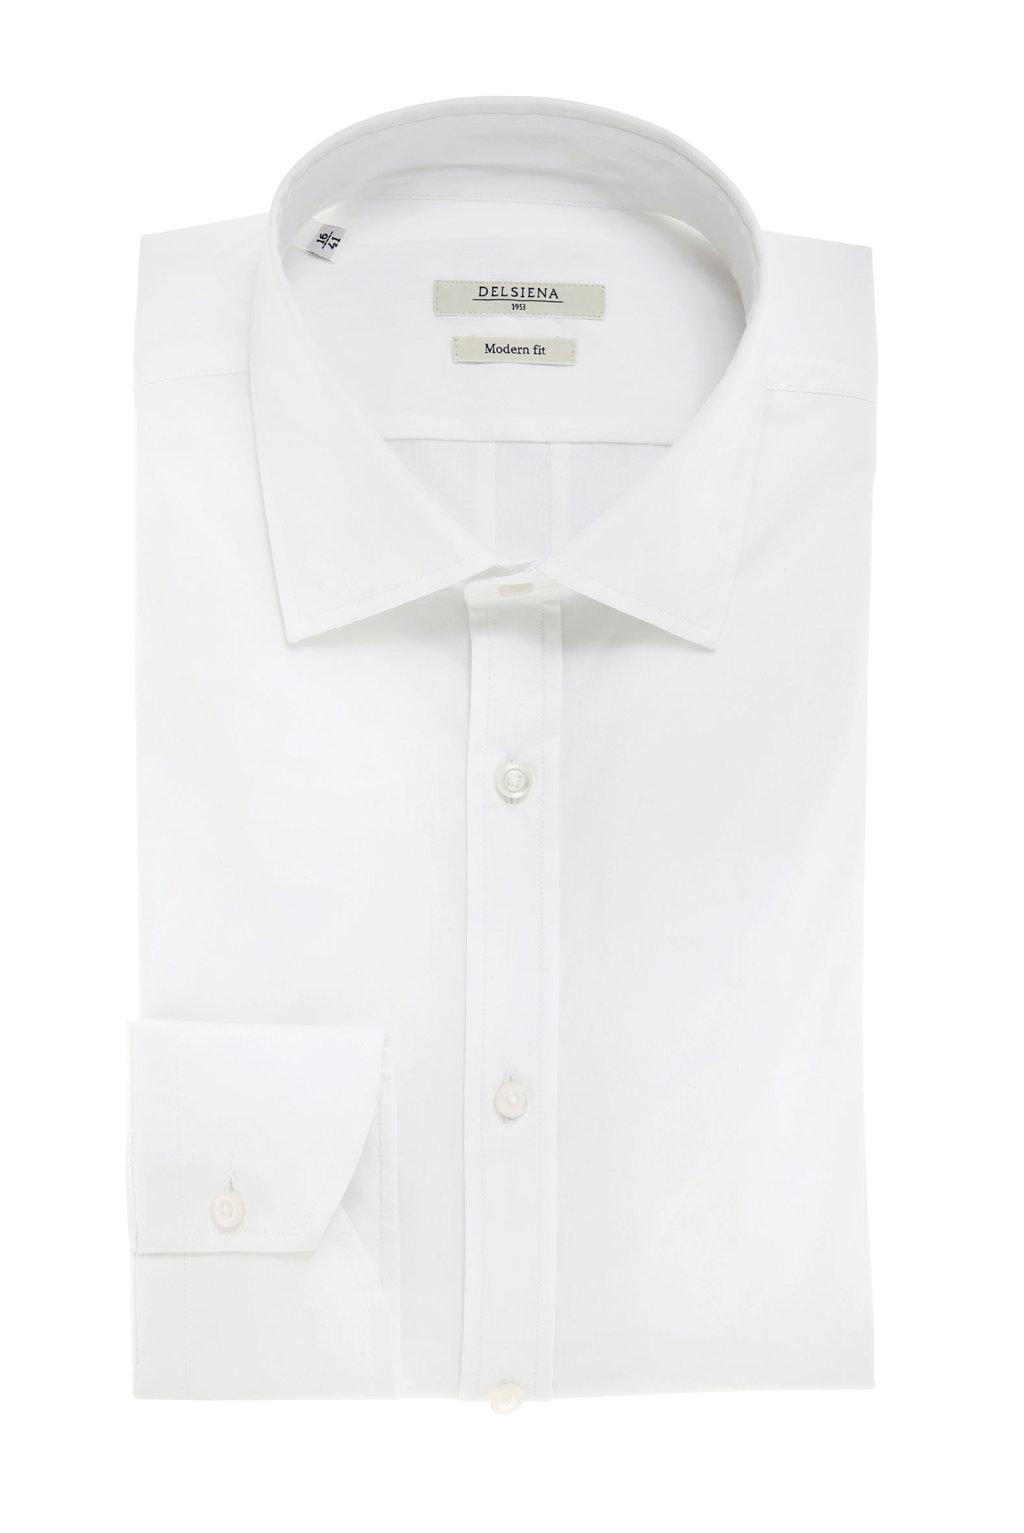 Camicia bianca con cannoncino Delsiena